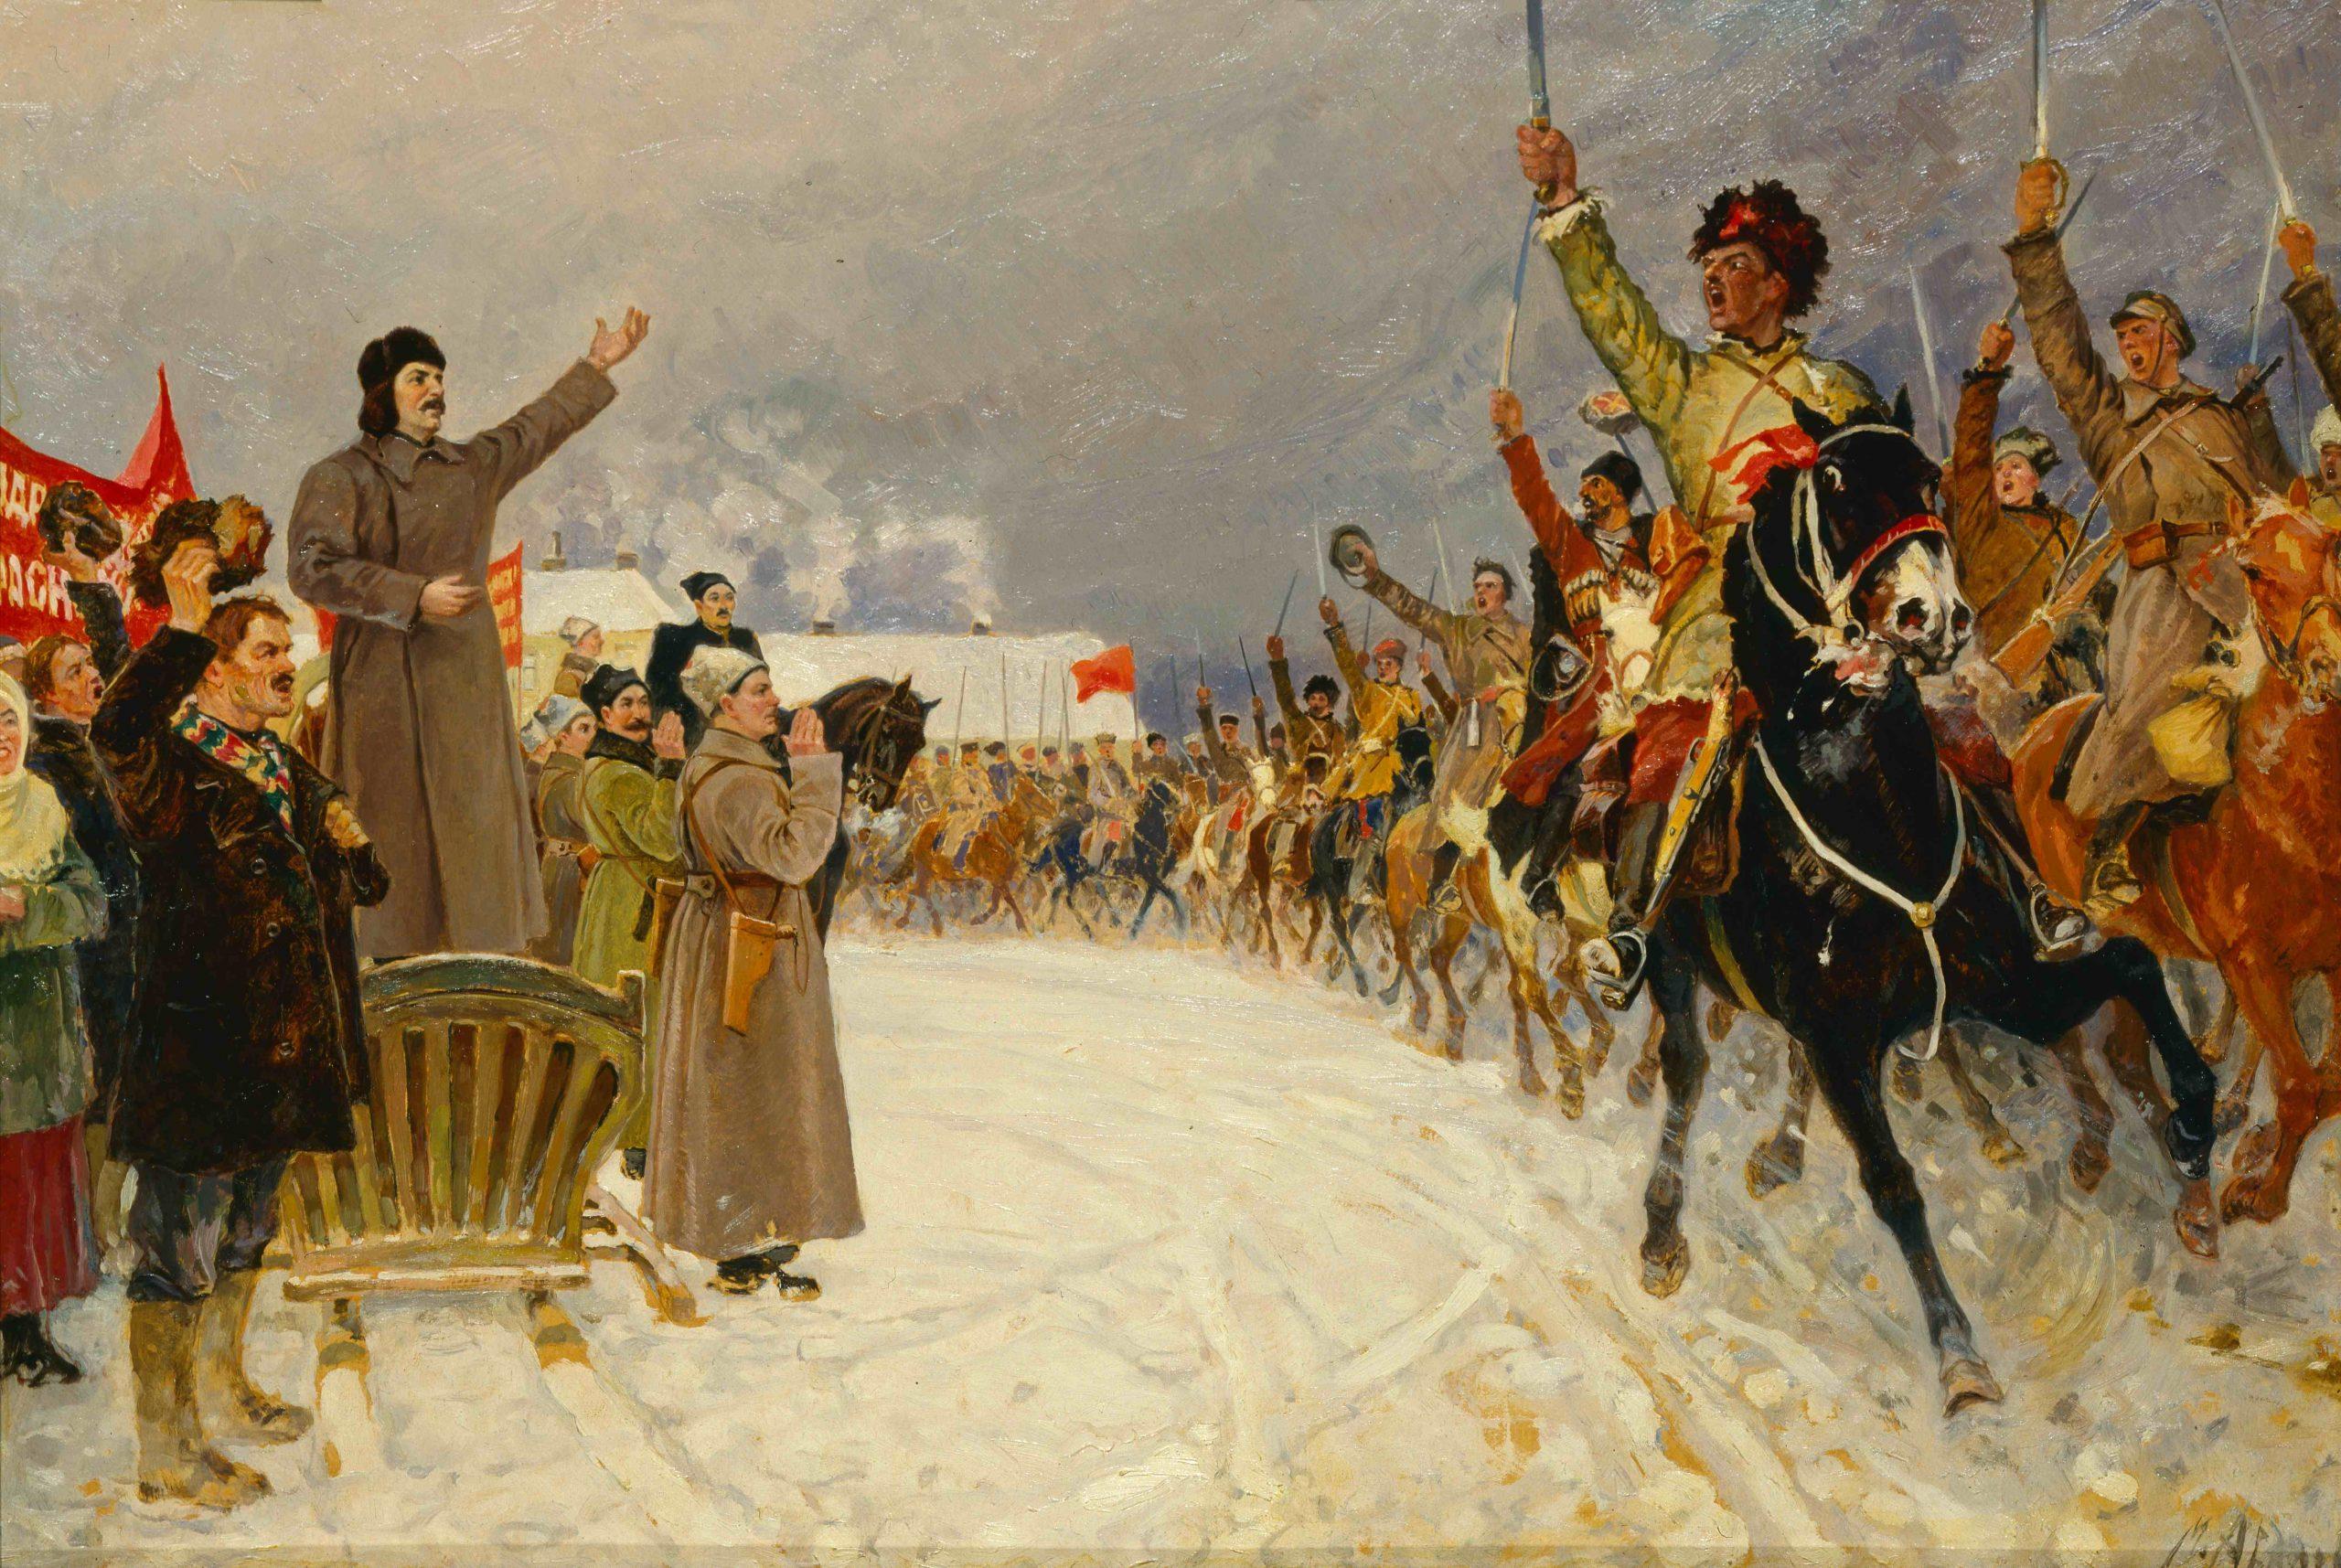 Картина «Смотр частей I Конной Армии» («Приезд И.В. Сталина в Первую конную армию в 1919 г.»)